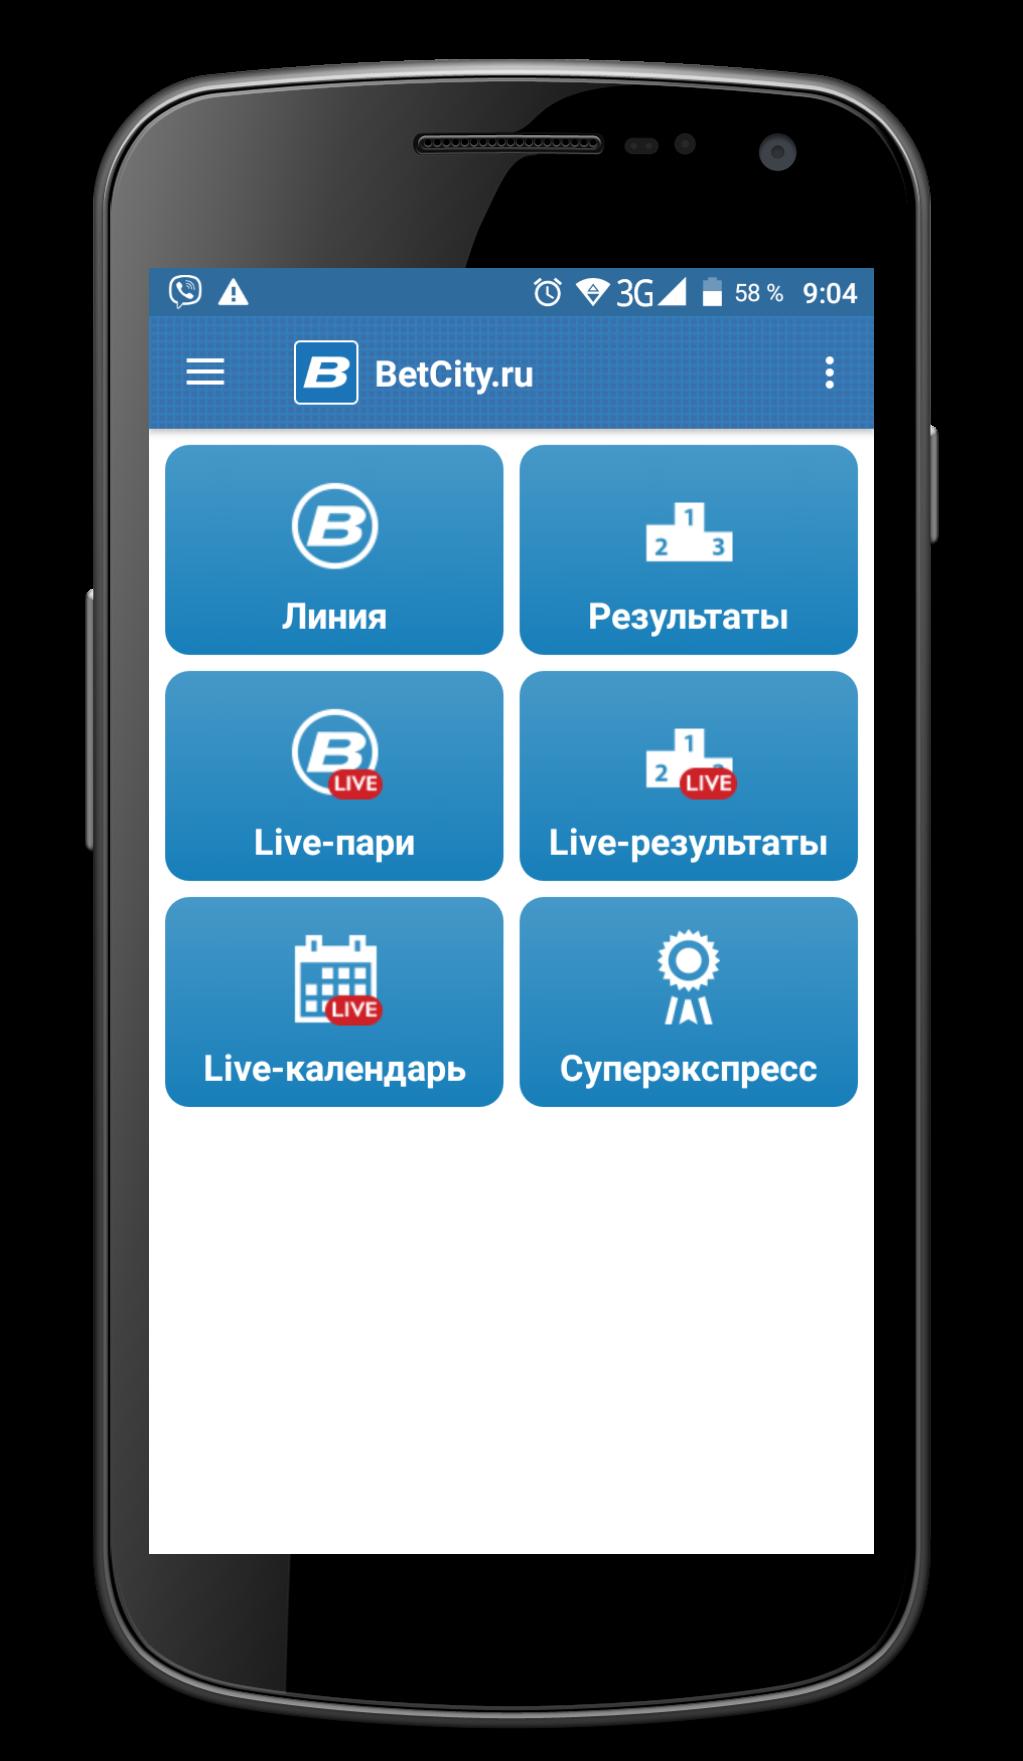 интерфейс бет сити android